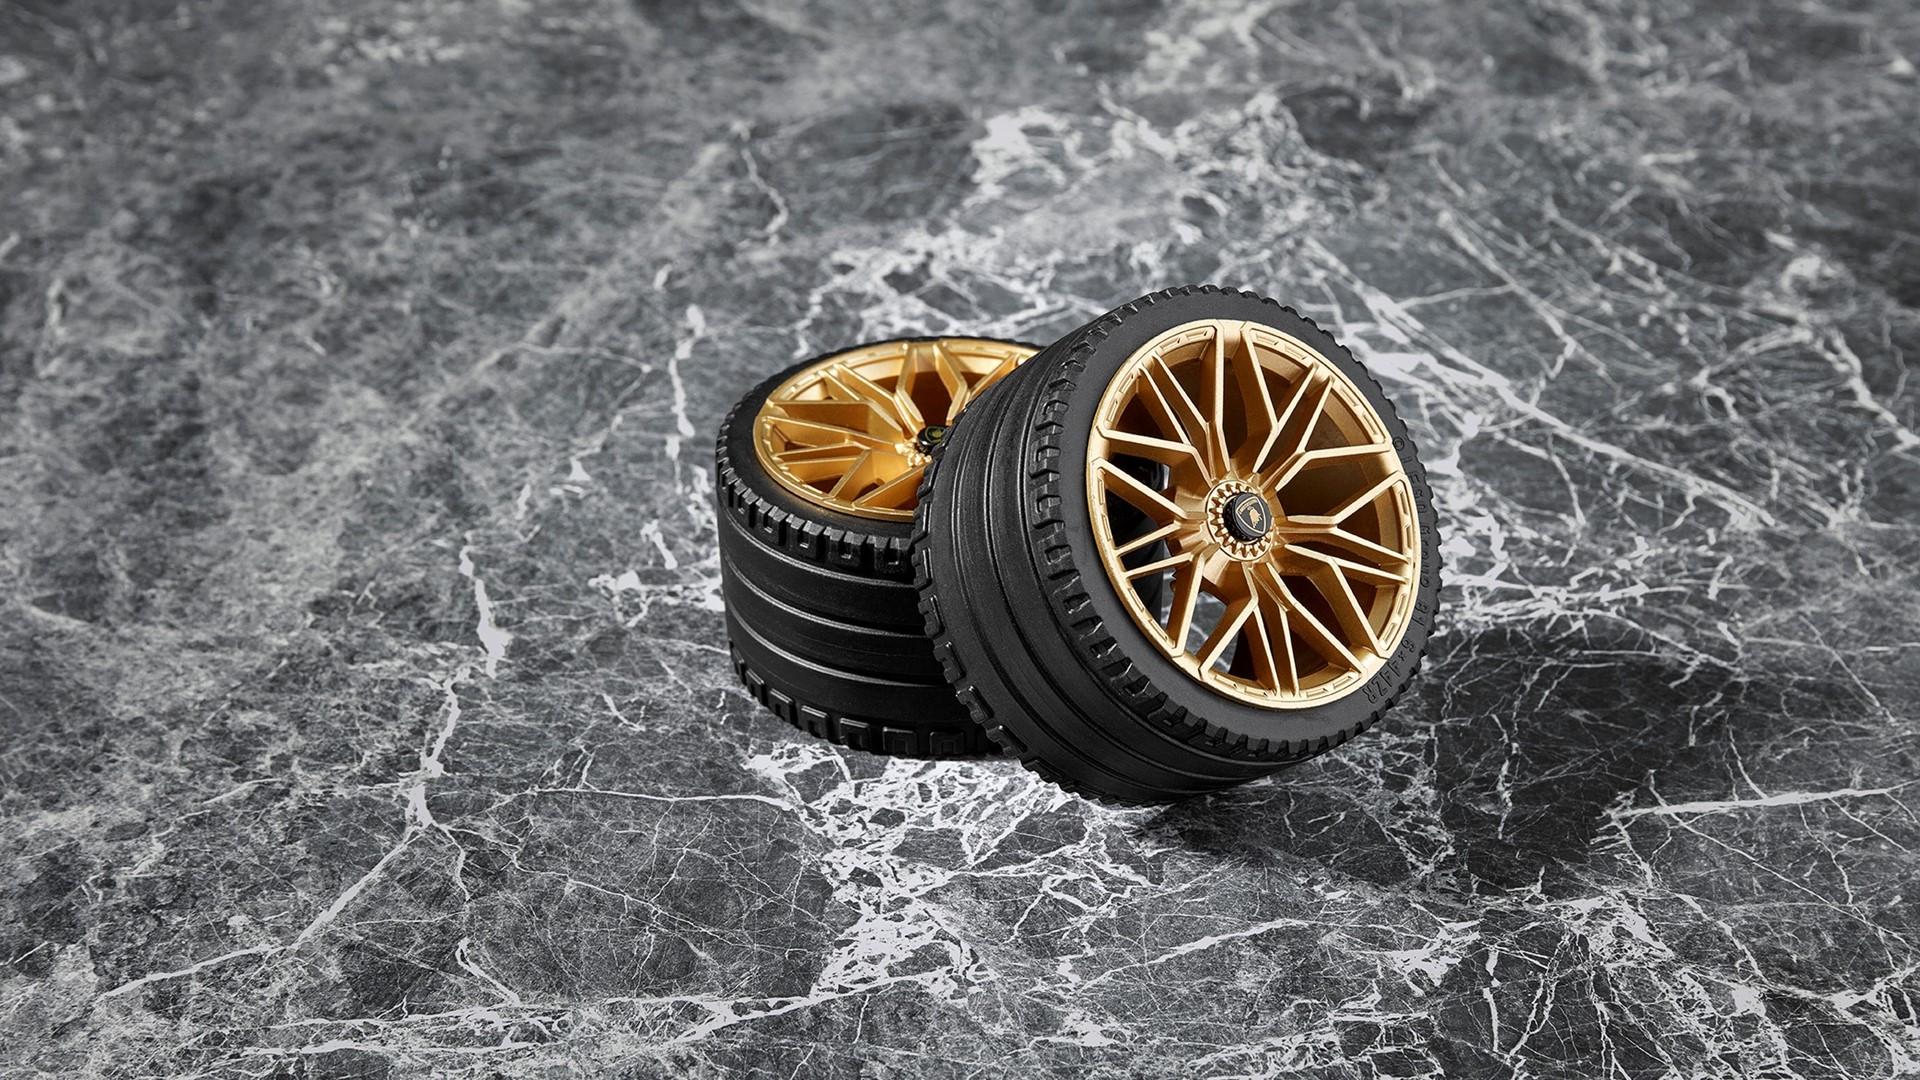 Automobili Lamborghini and the LEGO Group recreate the Lamborghini Sián FKP 37: the most powerful Lamborghini produced, in LEGO® Technic™ - Image 1